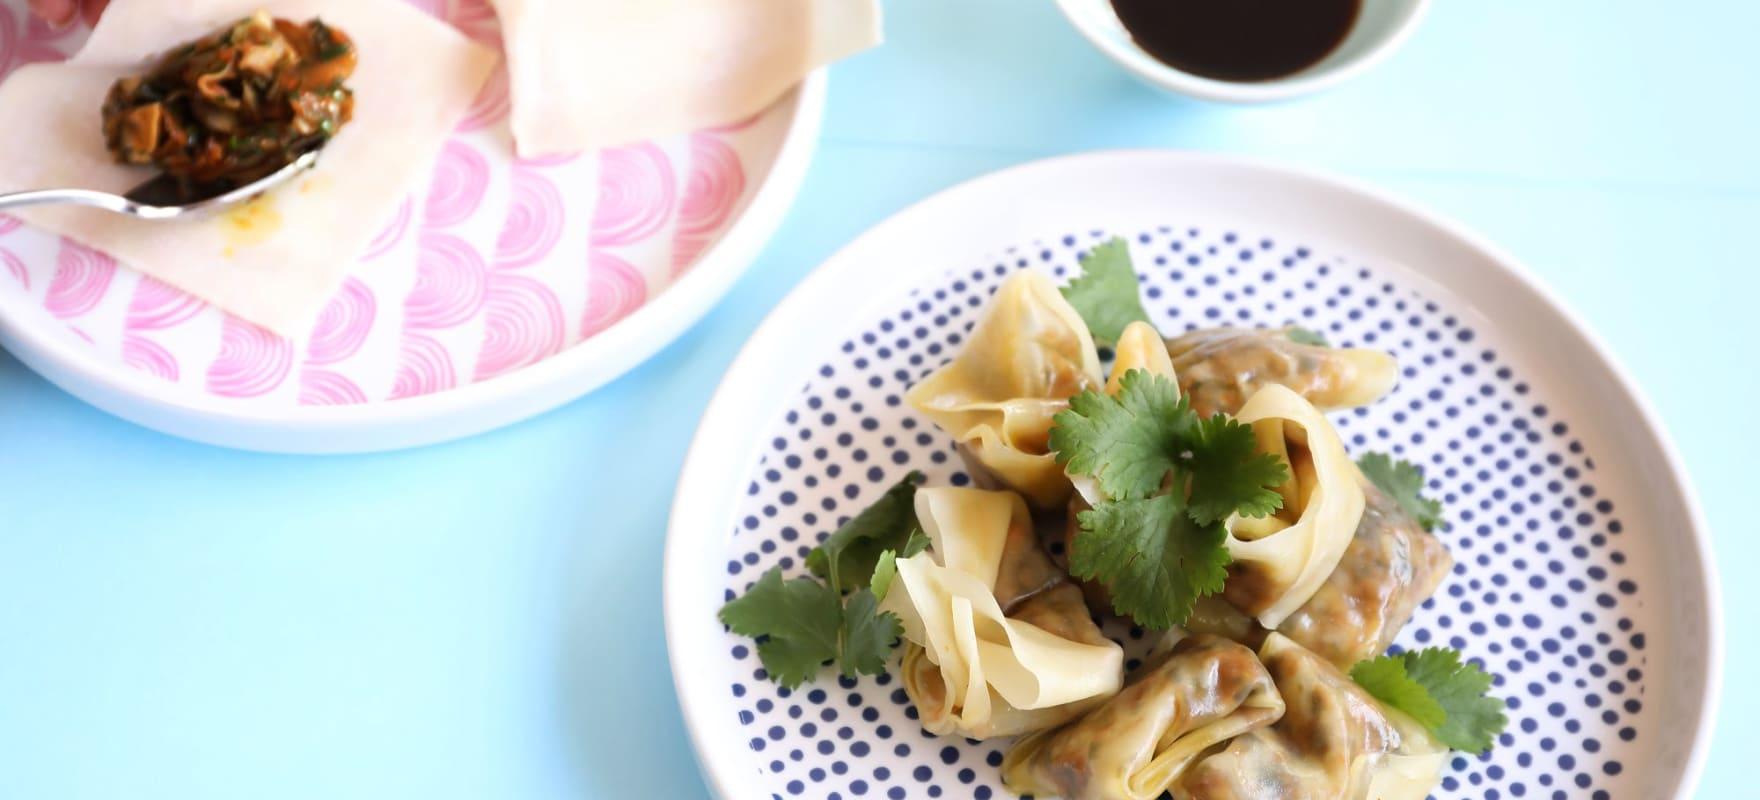 Steamed vegetarian dumplings image 2